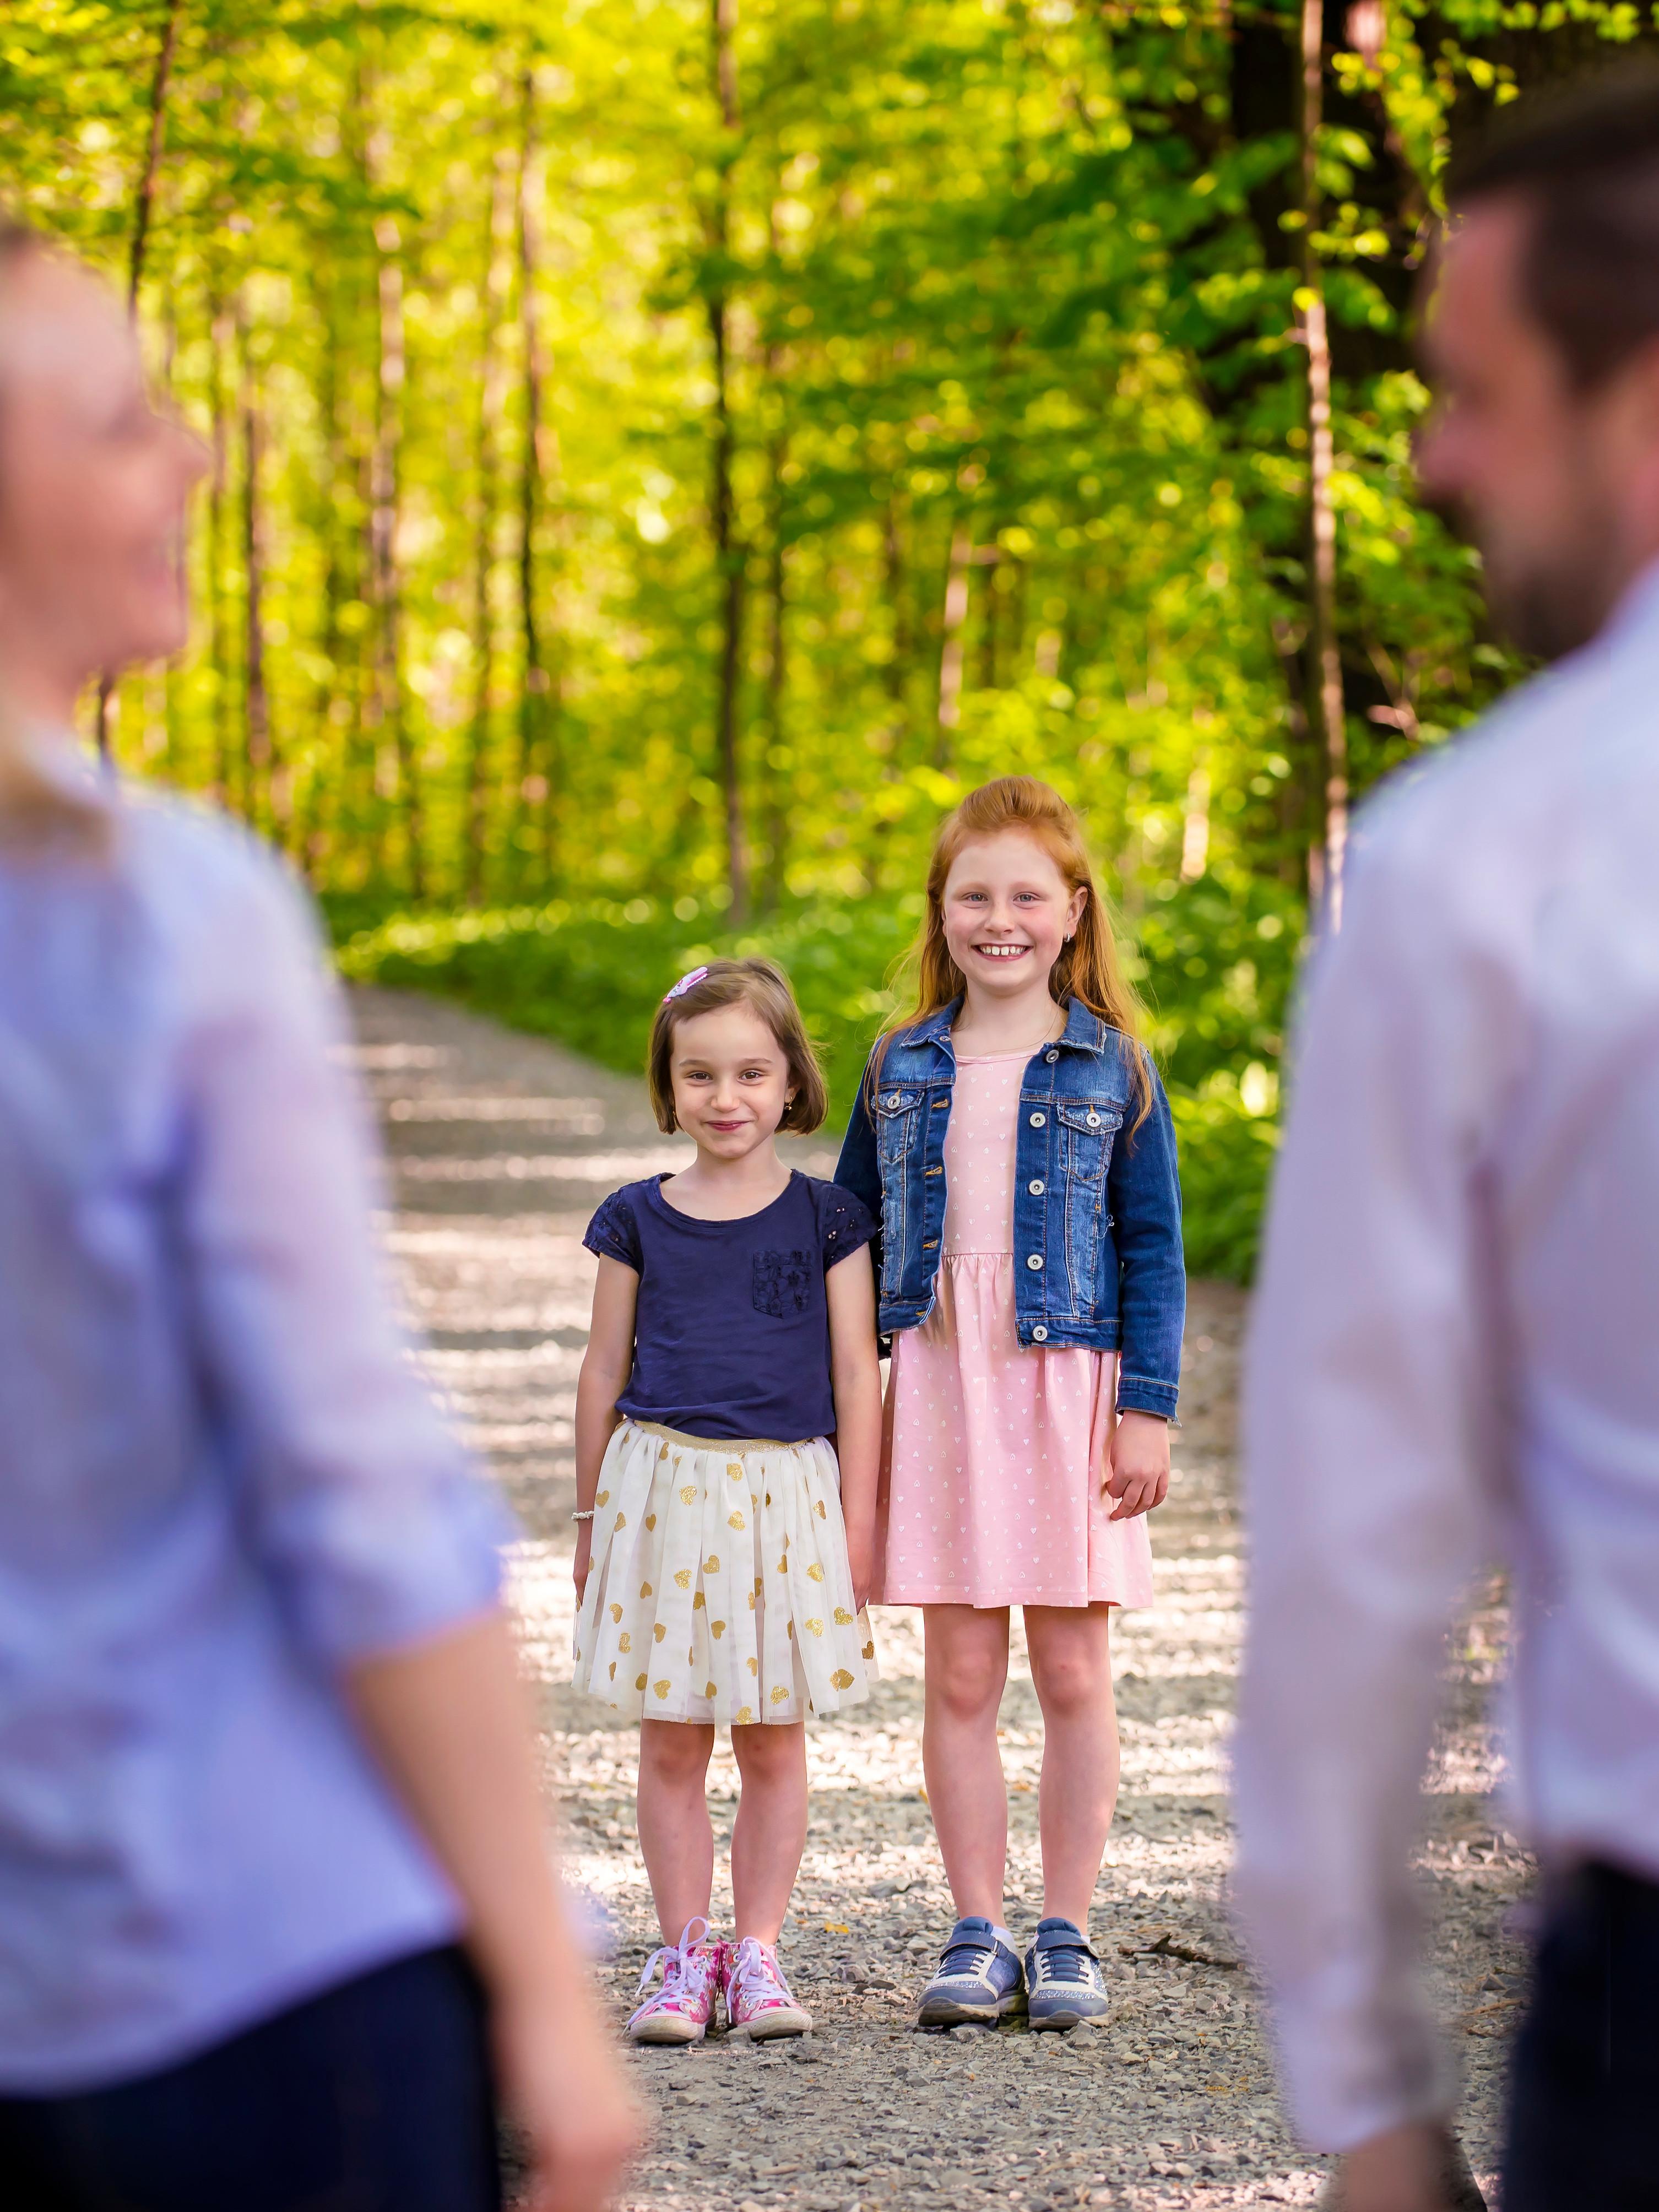 Portrét, rodinná fotografie, děti